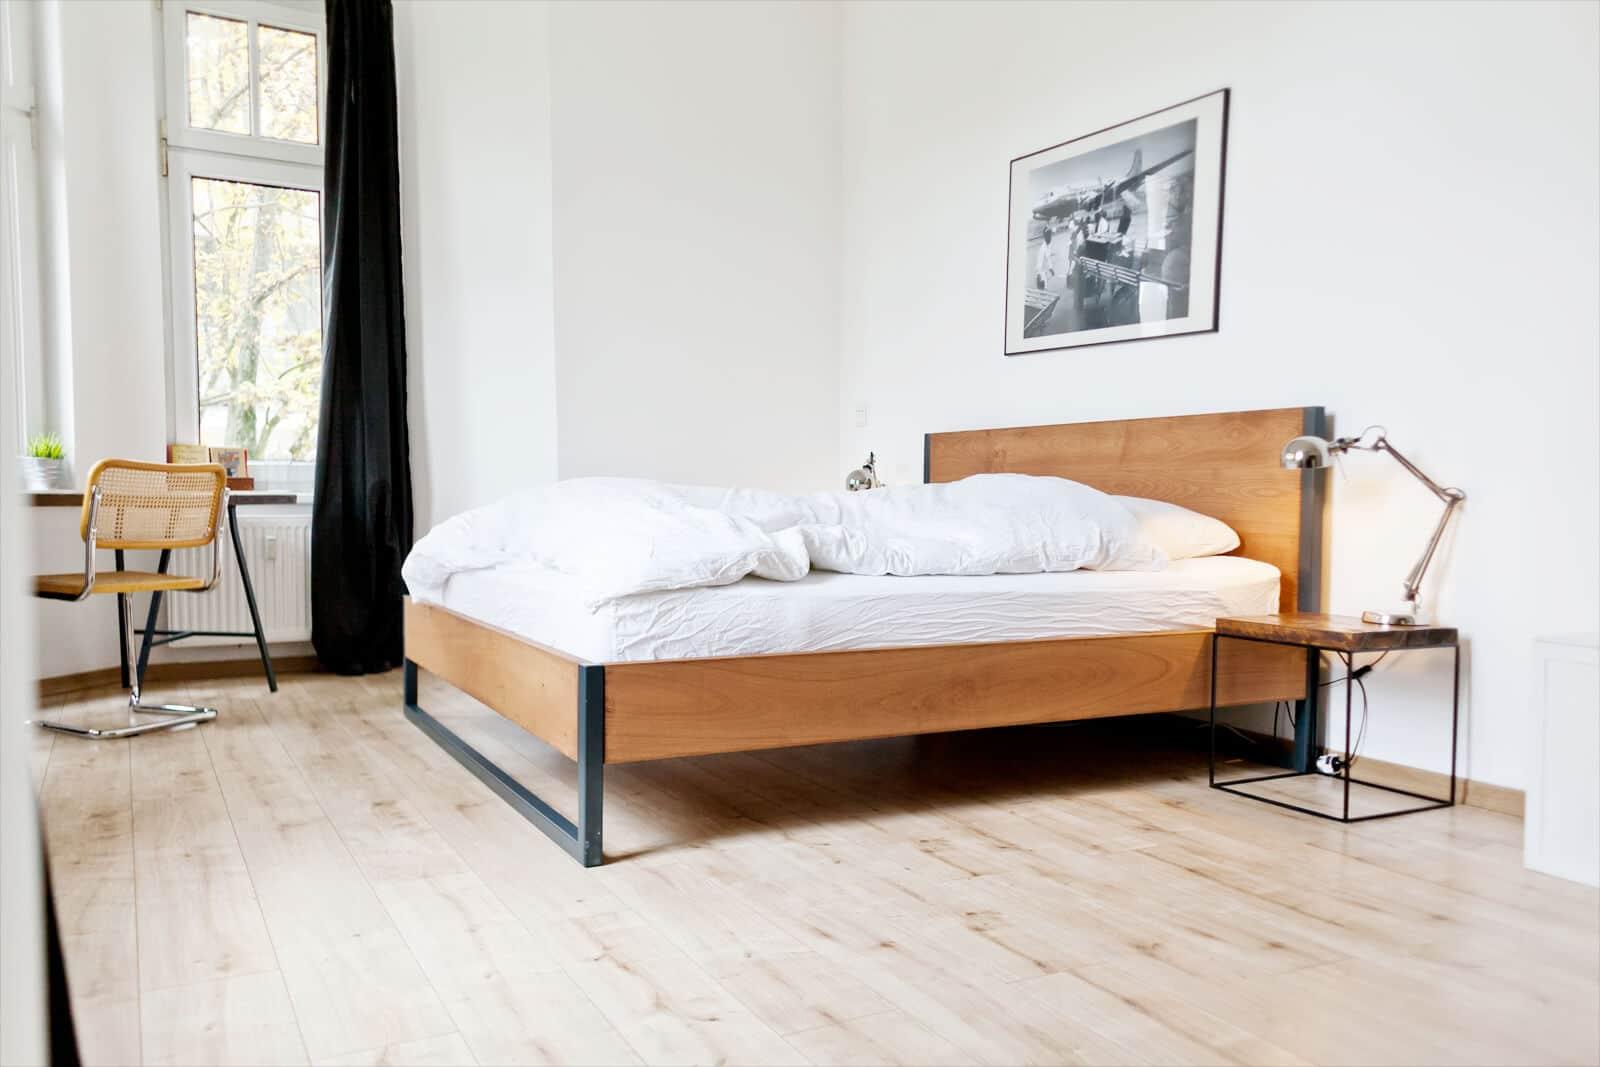 Full Size of Rückwand Bett Holz Minimalistisch Betten Mit Schubladen Unterschrank Bad Tagesdecken Für Zum Ausziehen 160x200 Lattenrost Und Matratze Weißes 90x200 Wohnzimmer Rückwand Bett Holz